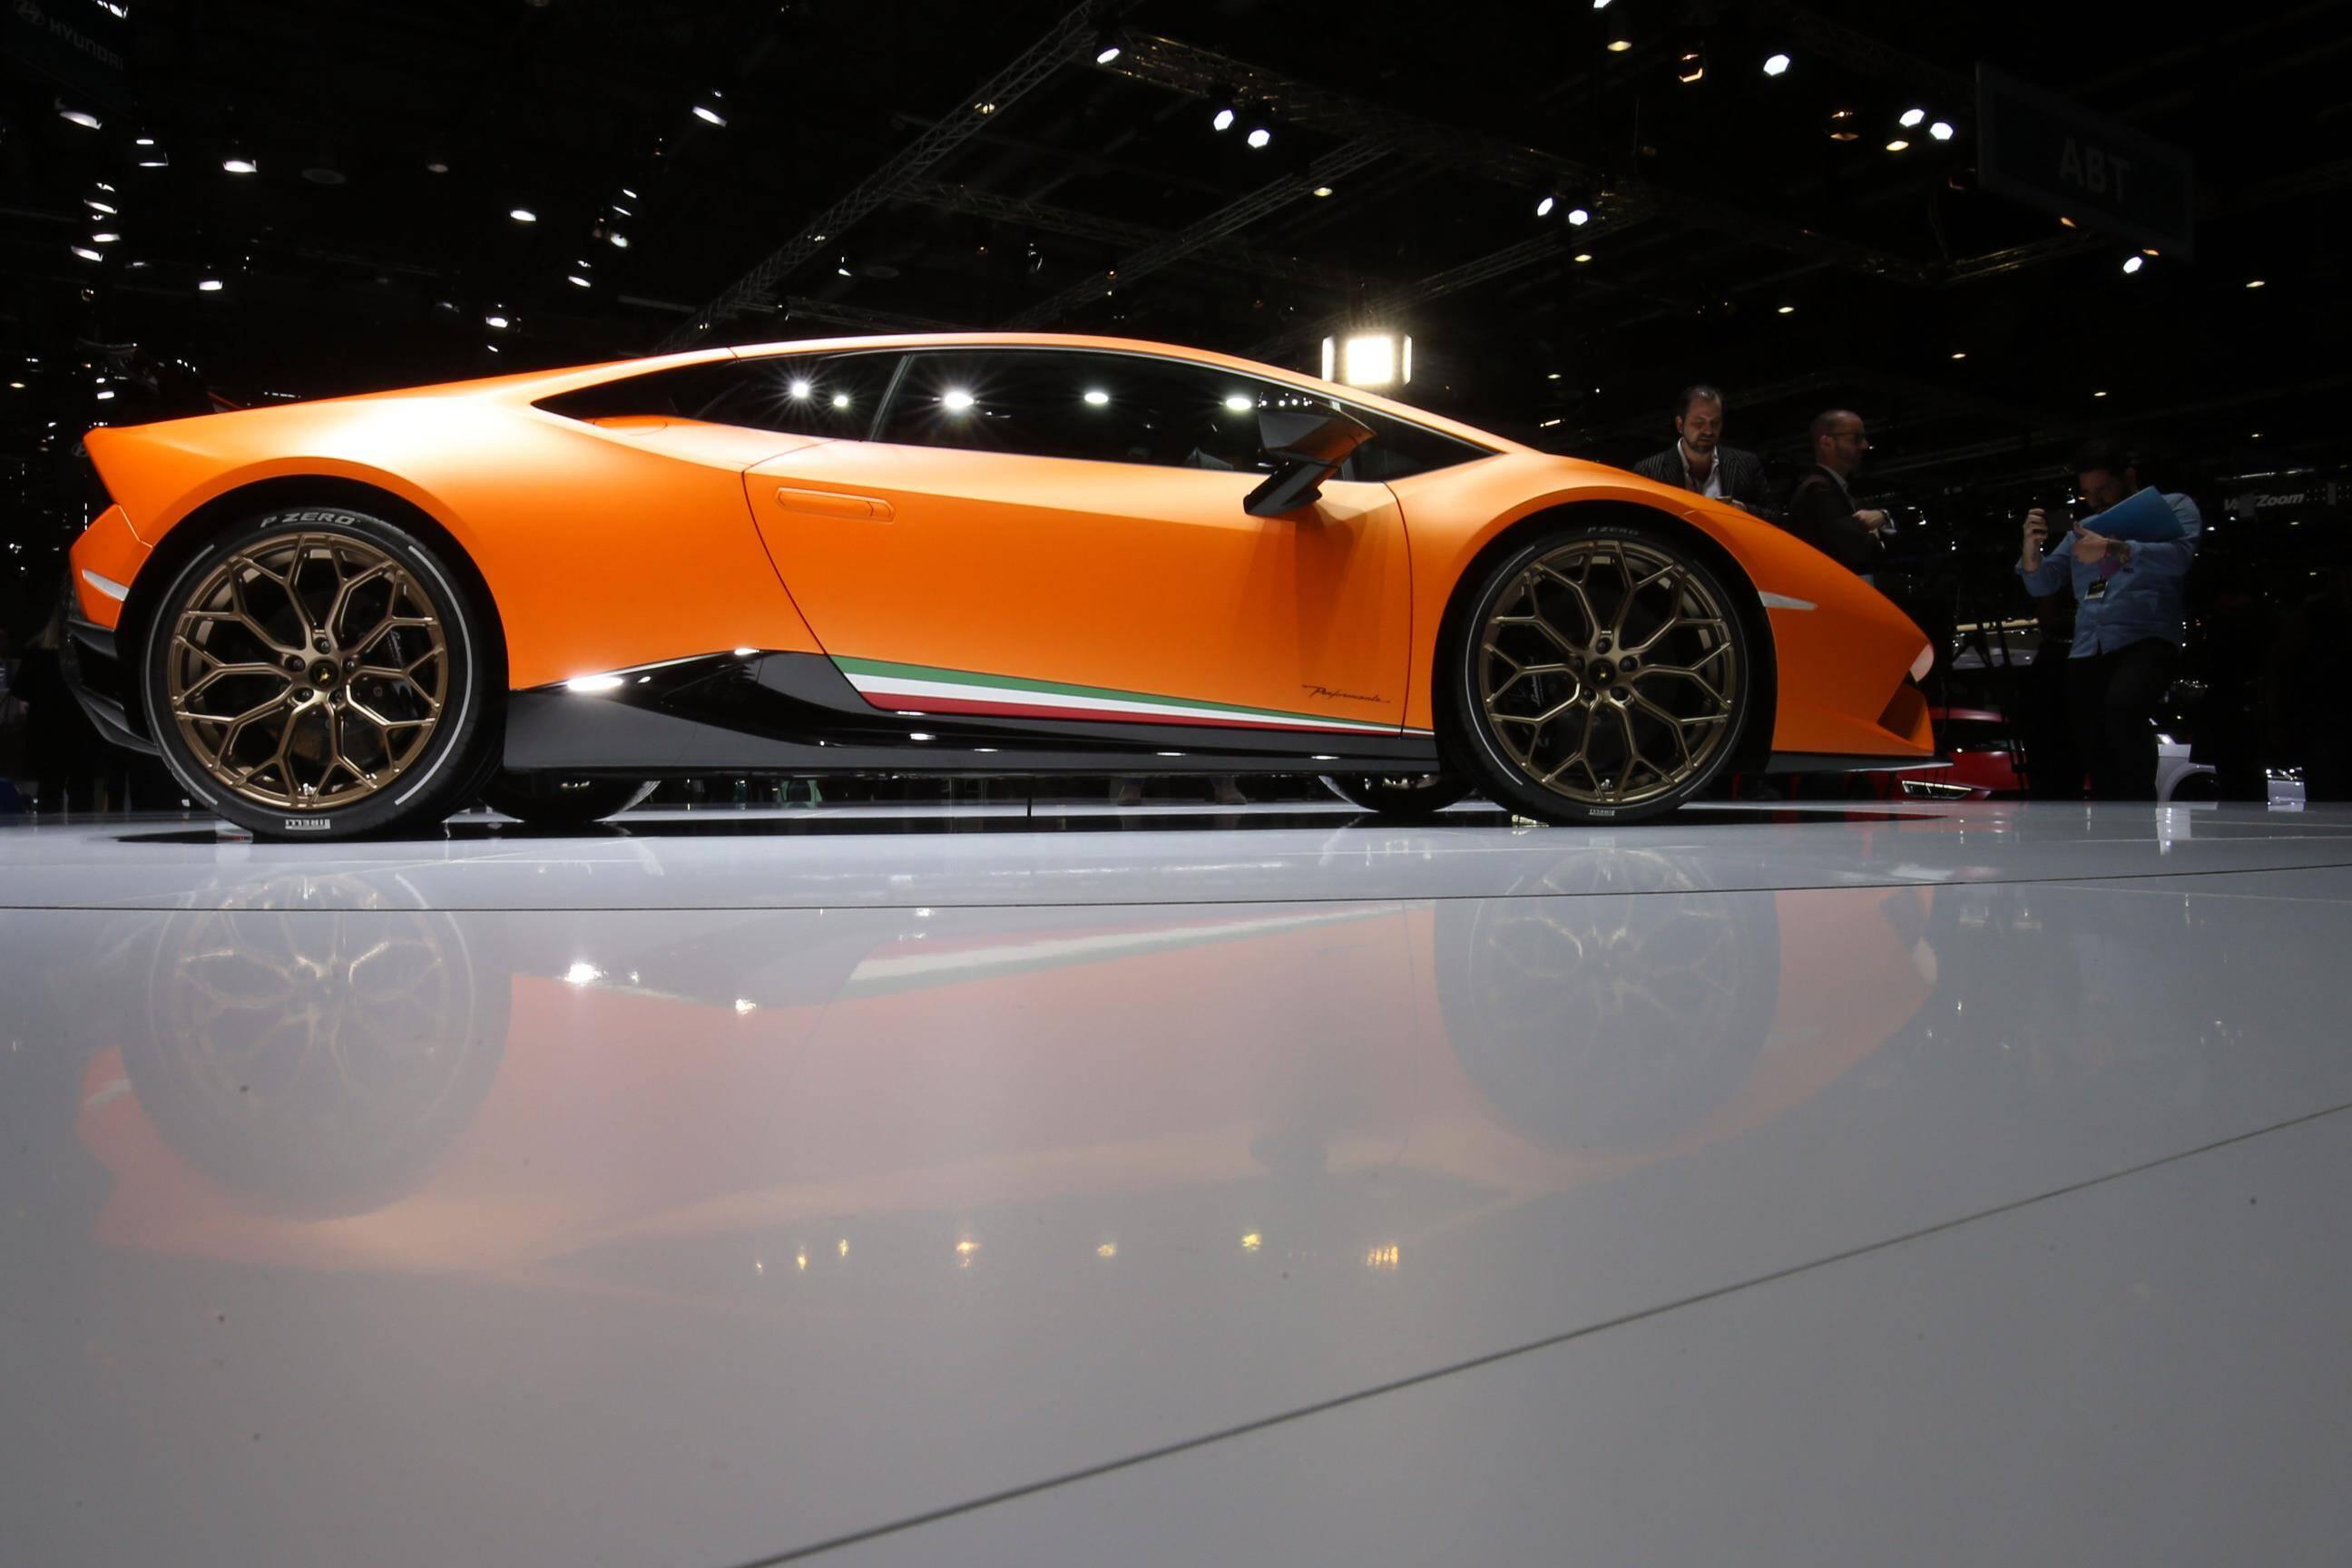 Lamborghini Huracán Performante. Foto: Divulgação